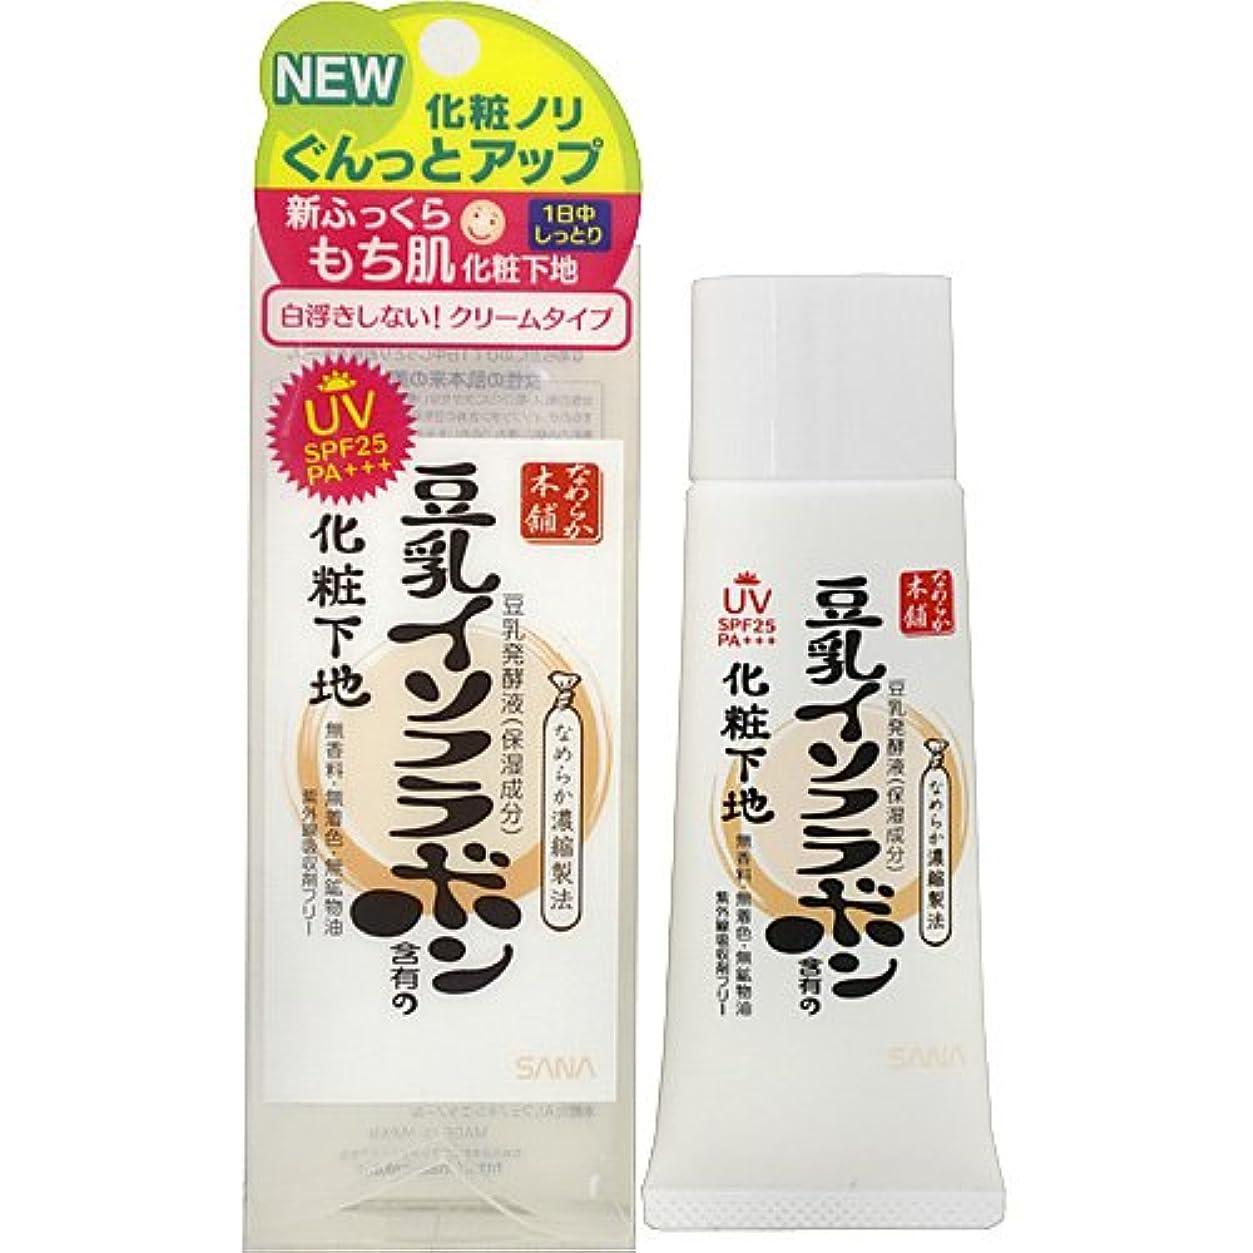 若さチャペル形状サナ なめらか本舗 豆乳イソフラボン含有のUV化粧下地N 40g x 3